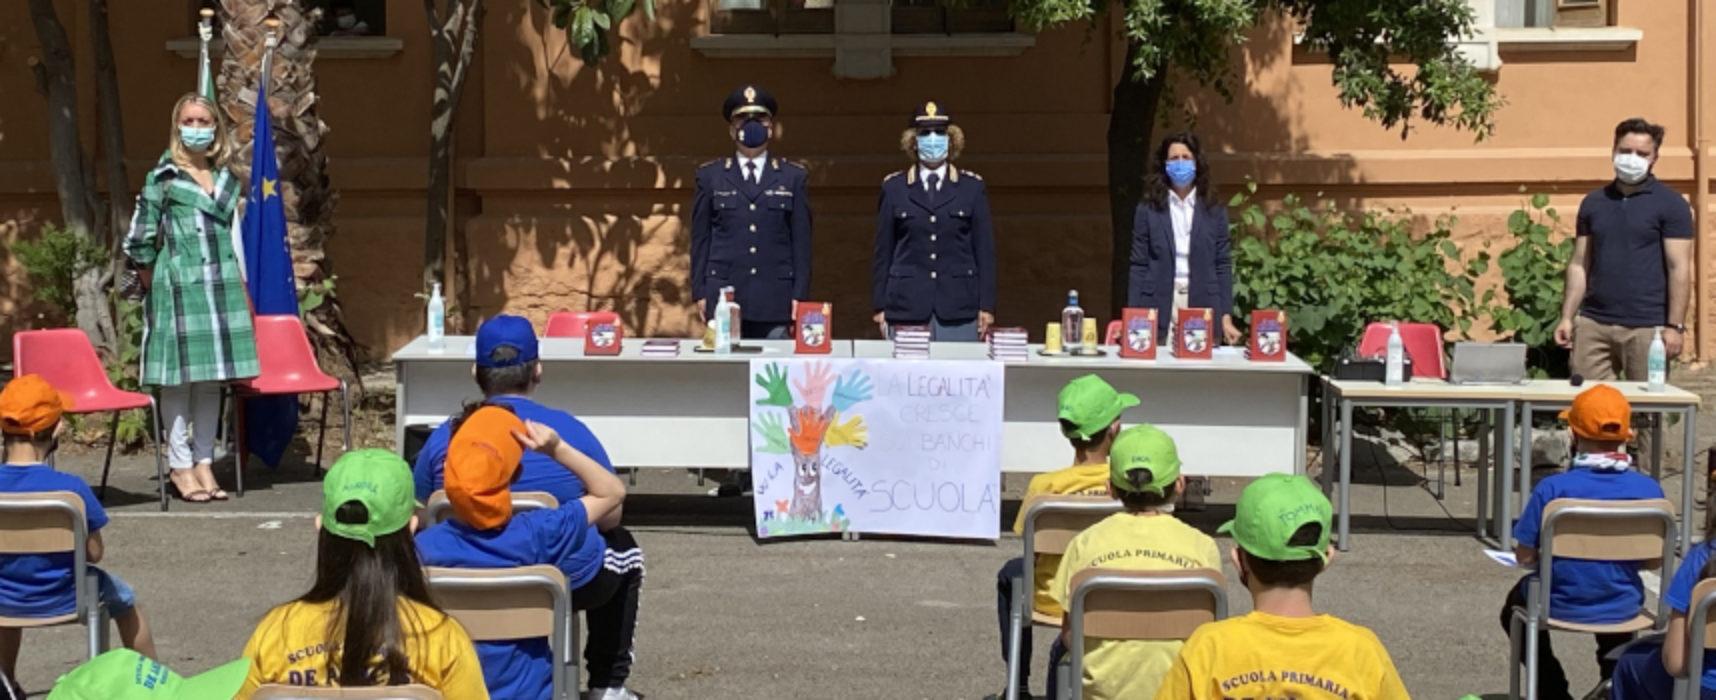 """Rispetto delle regole, Scuola """"De Amicis"""" presenta progetto """"Il mio diario"""" / FOTO"""